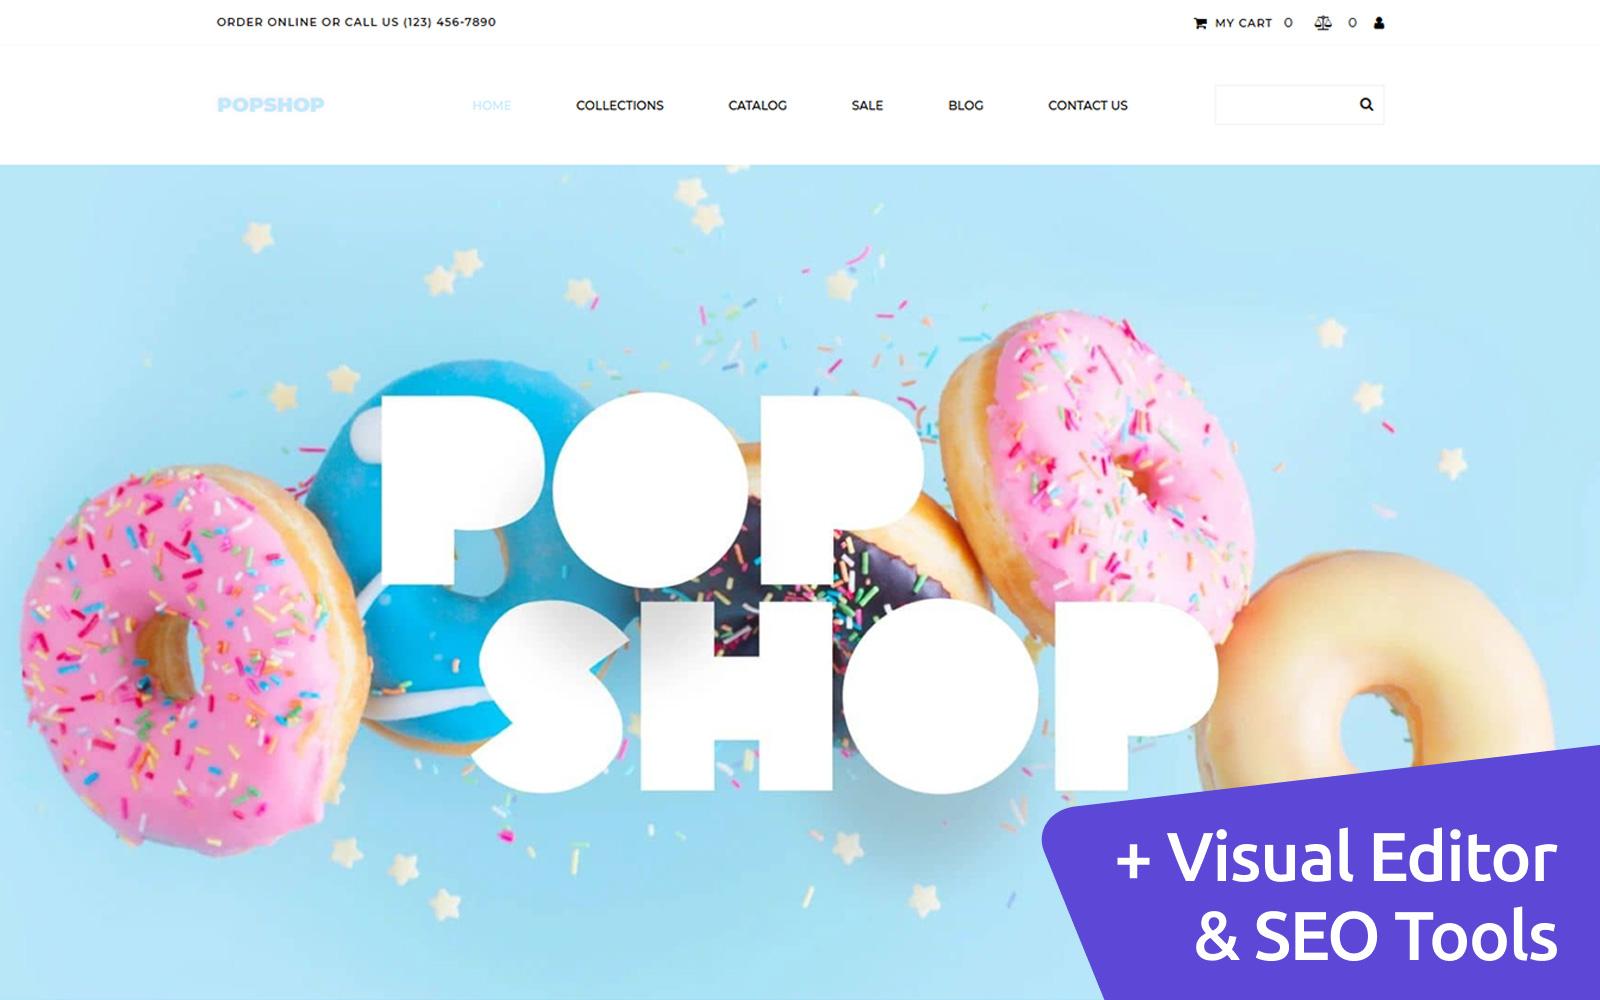 """""""Popshop - Sweet Shop"""" modèle MotoCMS pour commerce électronique adaptatif #102547"""